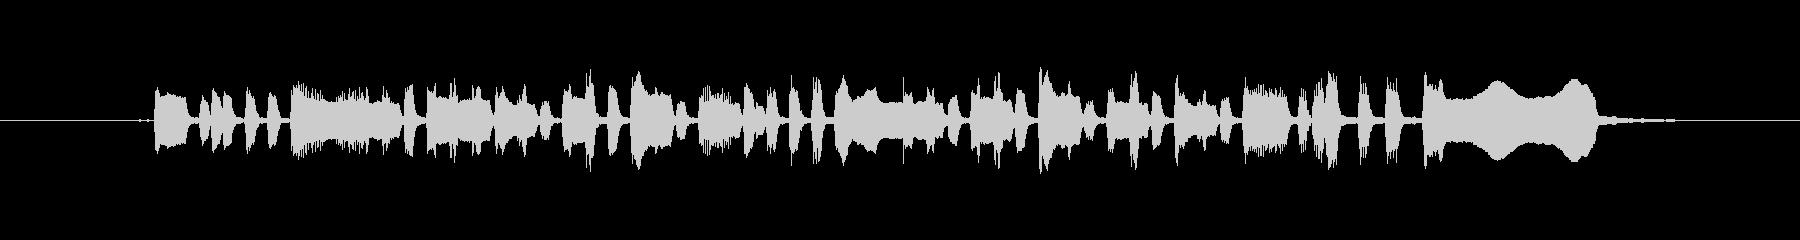 トランペットのファンファーレの未再生の波形